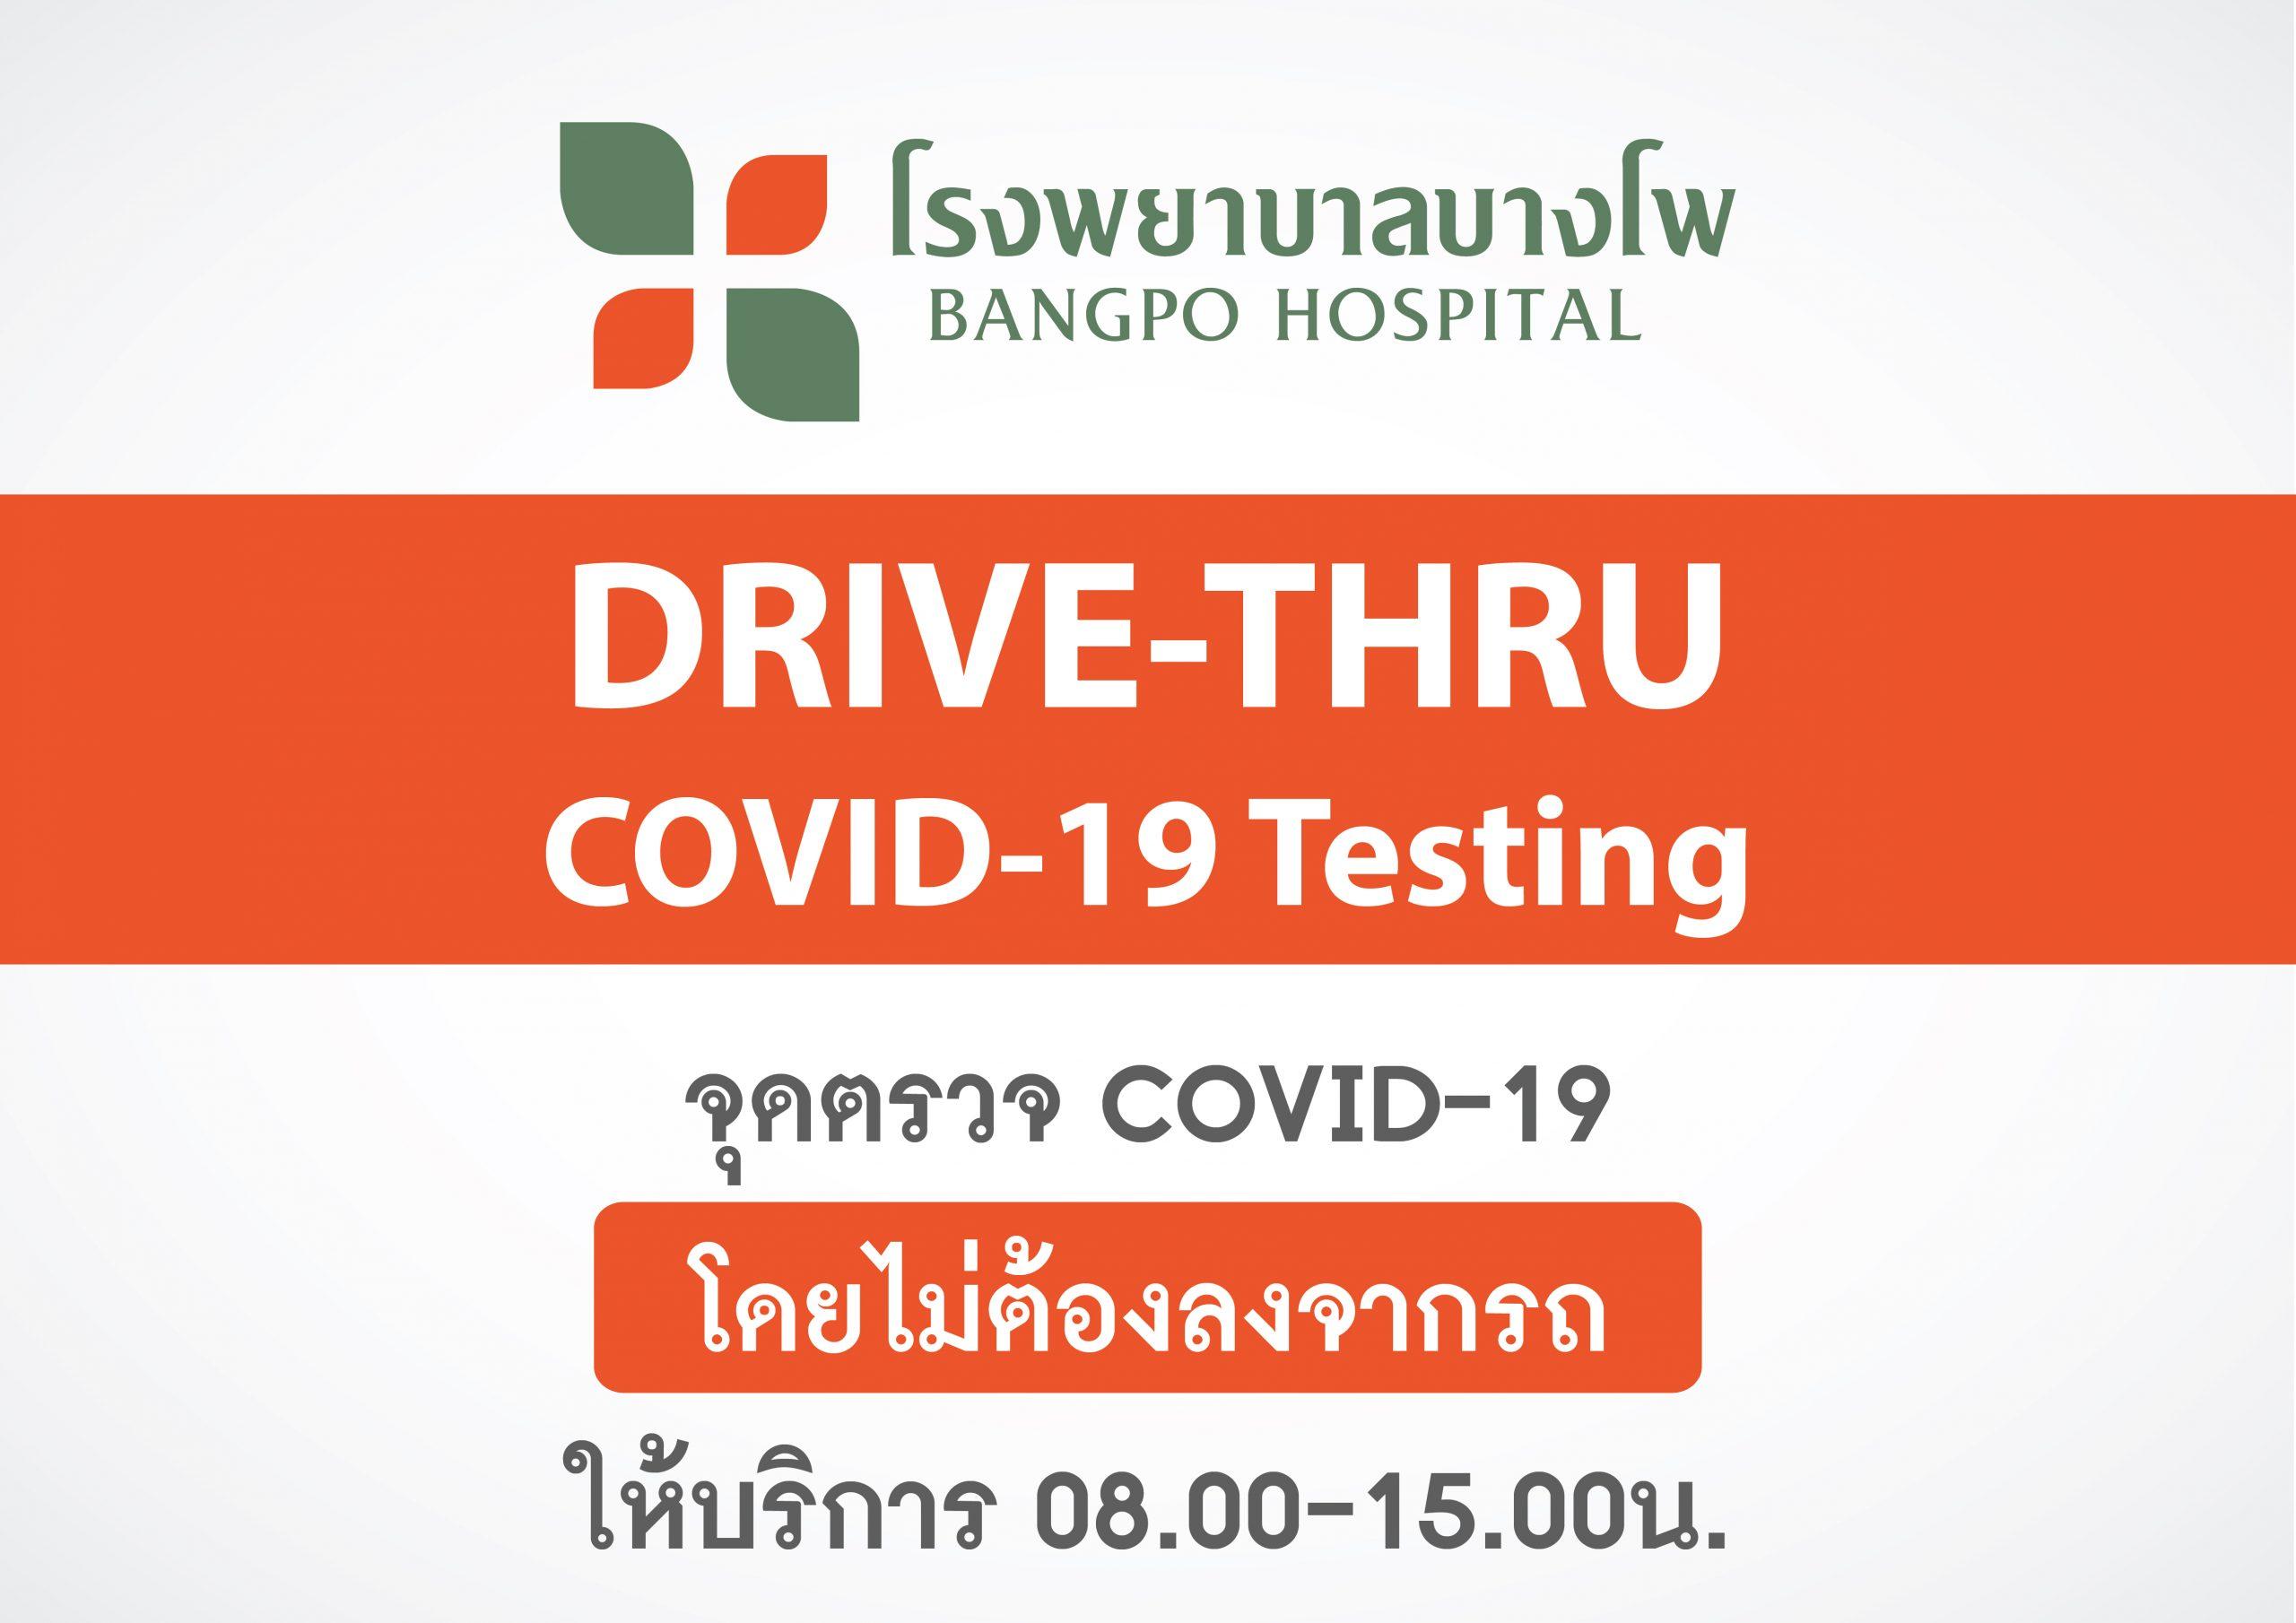 covid-19 Drive-thru